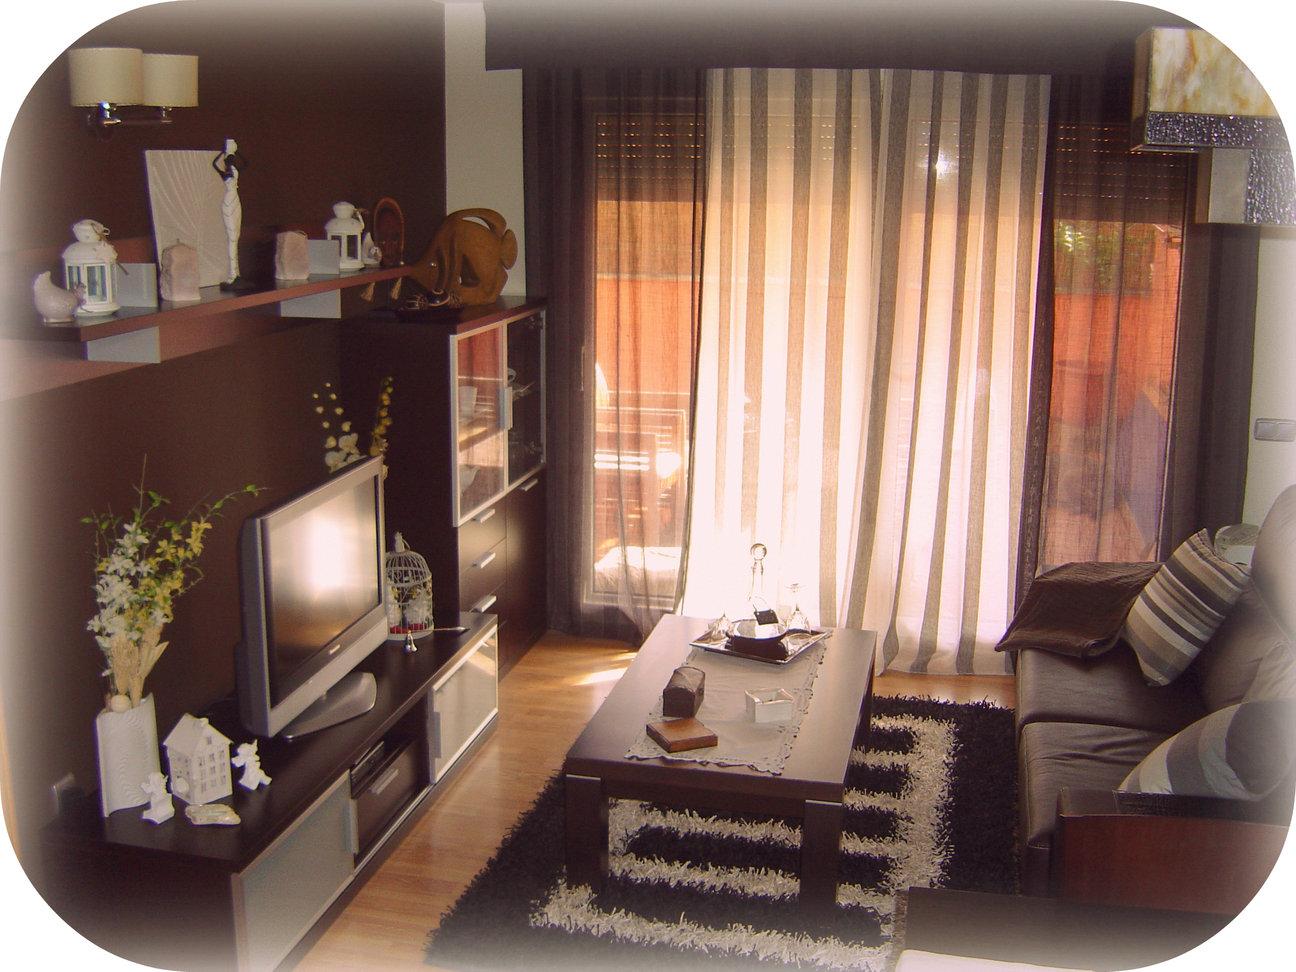 Salones 39 11 el sal n de esmafa - Salones romanticos ...